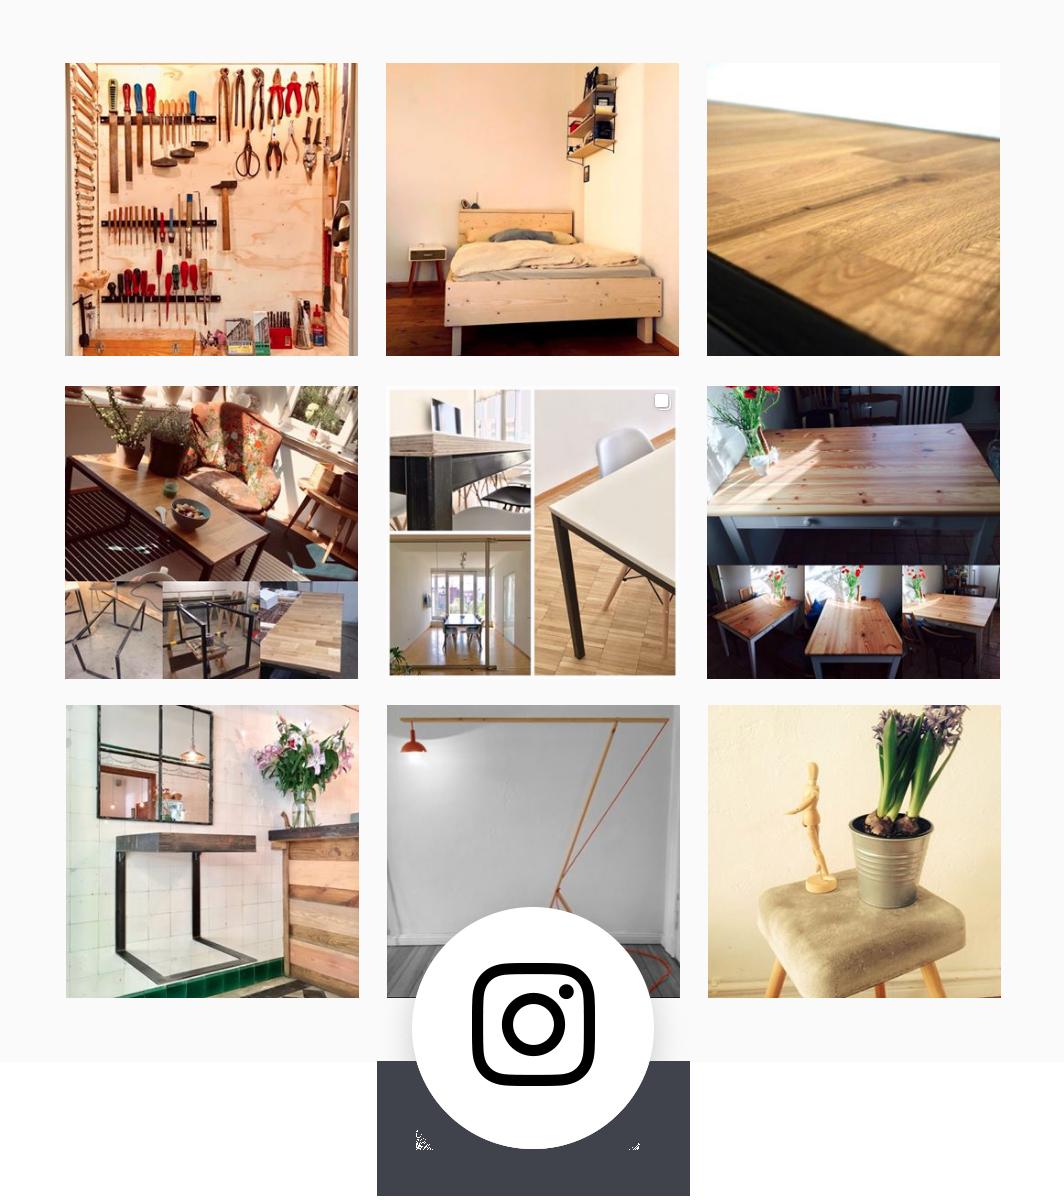 holzen3000 bei Instagram